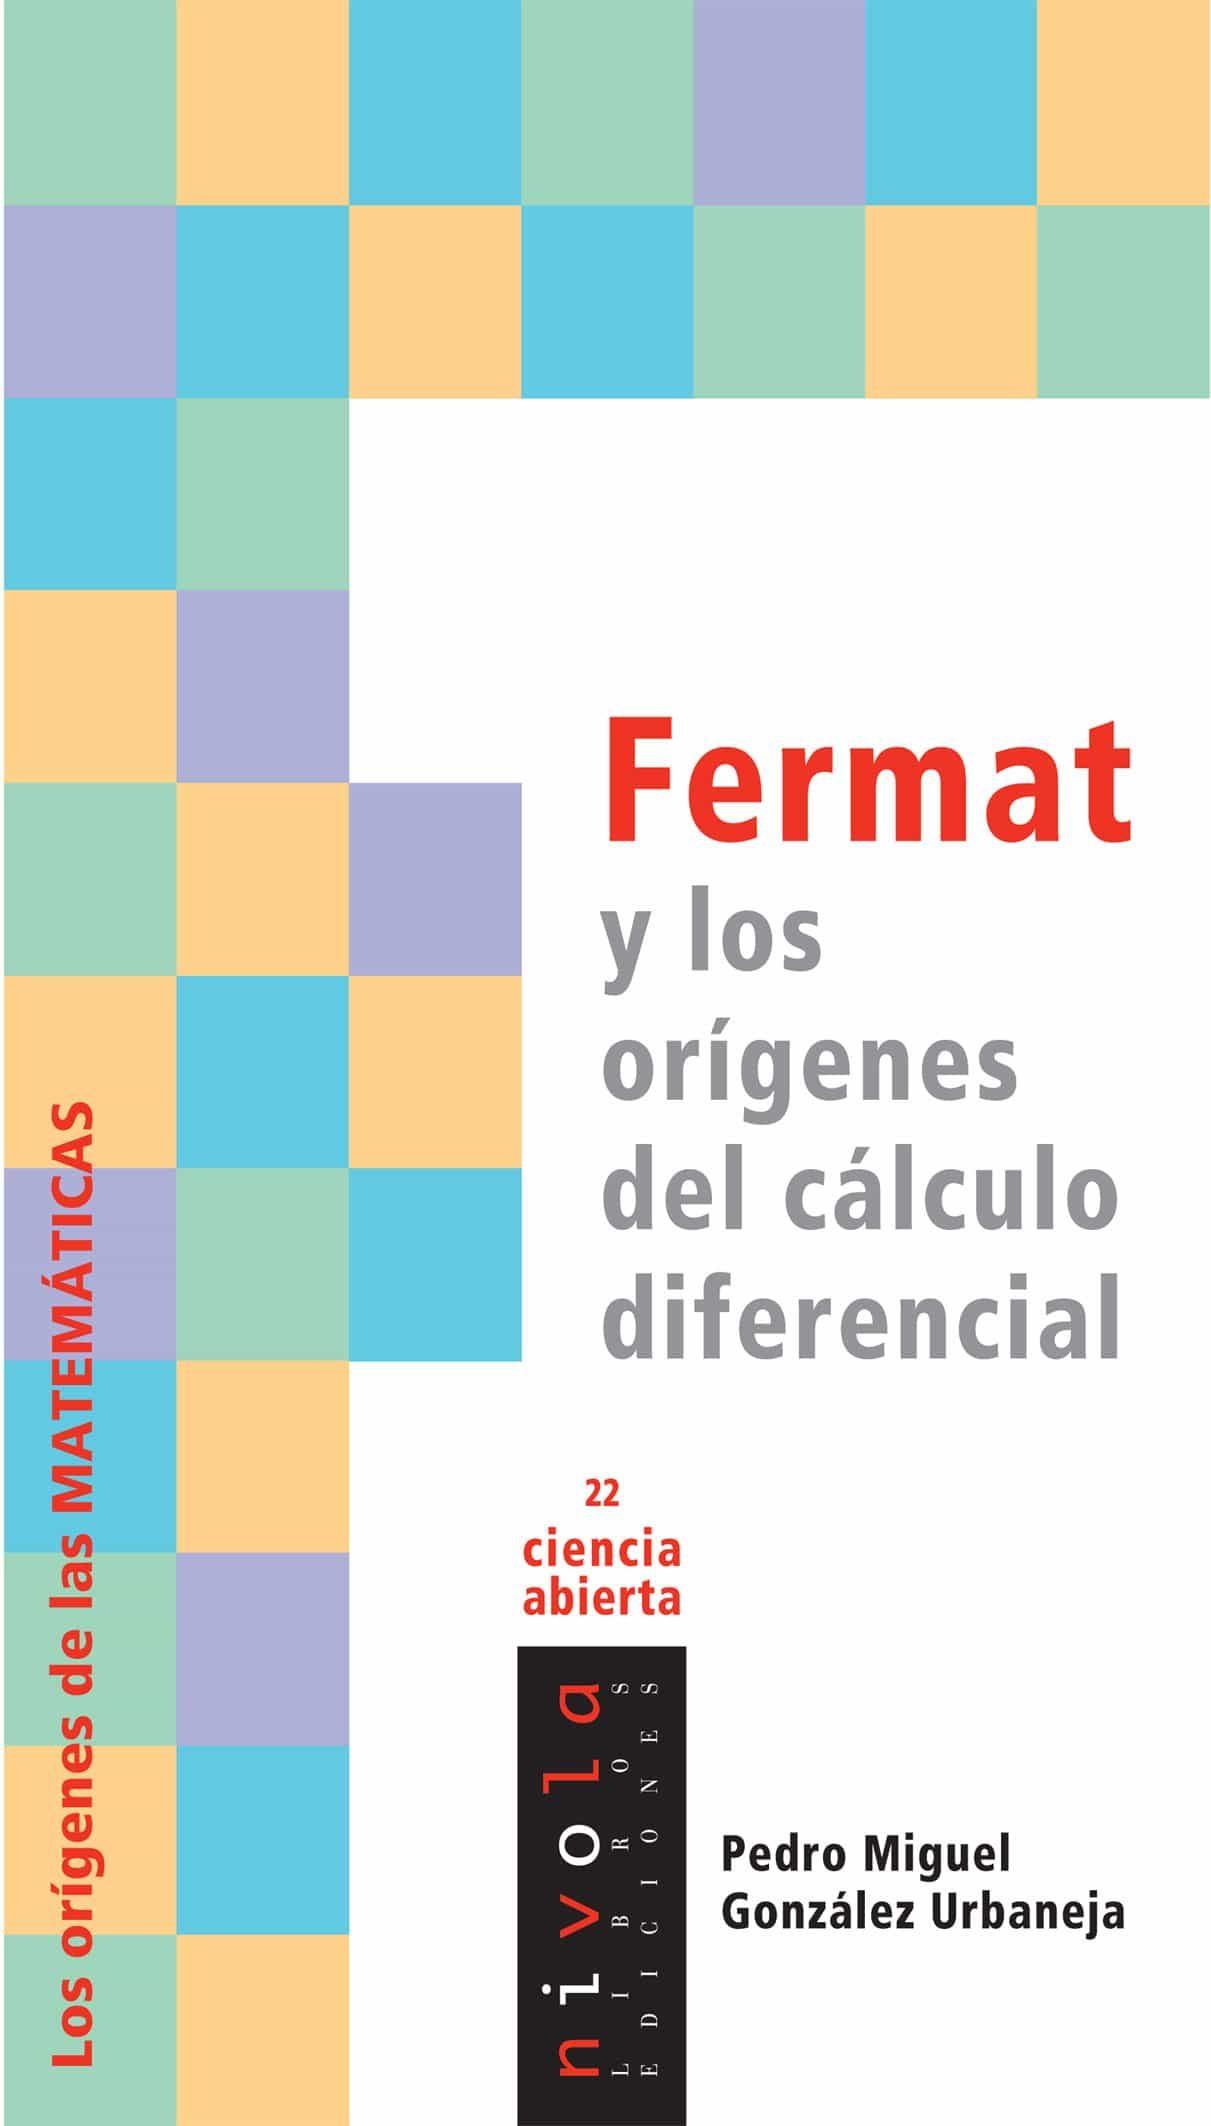 Fermat Y Los Origenes Del Calculo Diferencial por Pedro Miguel Gonzalez Urbaneja epub